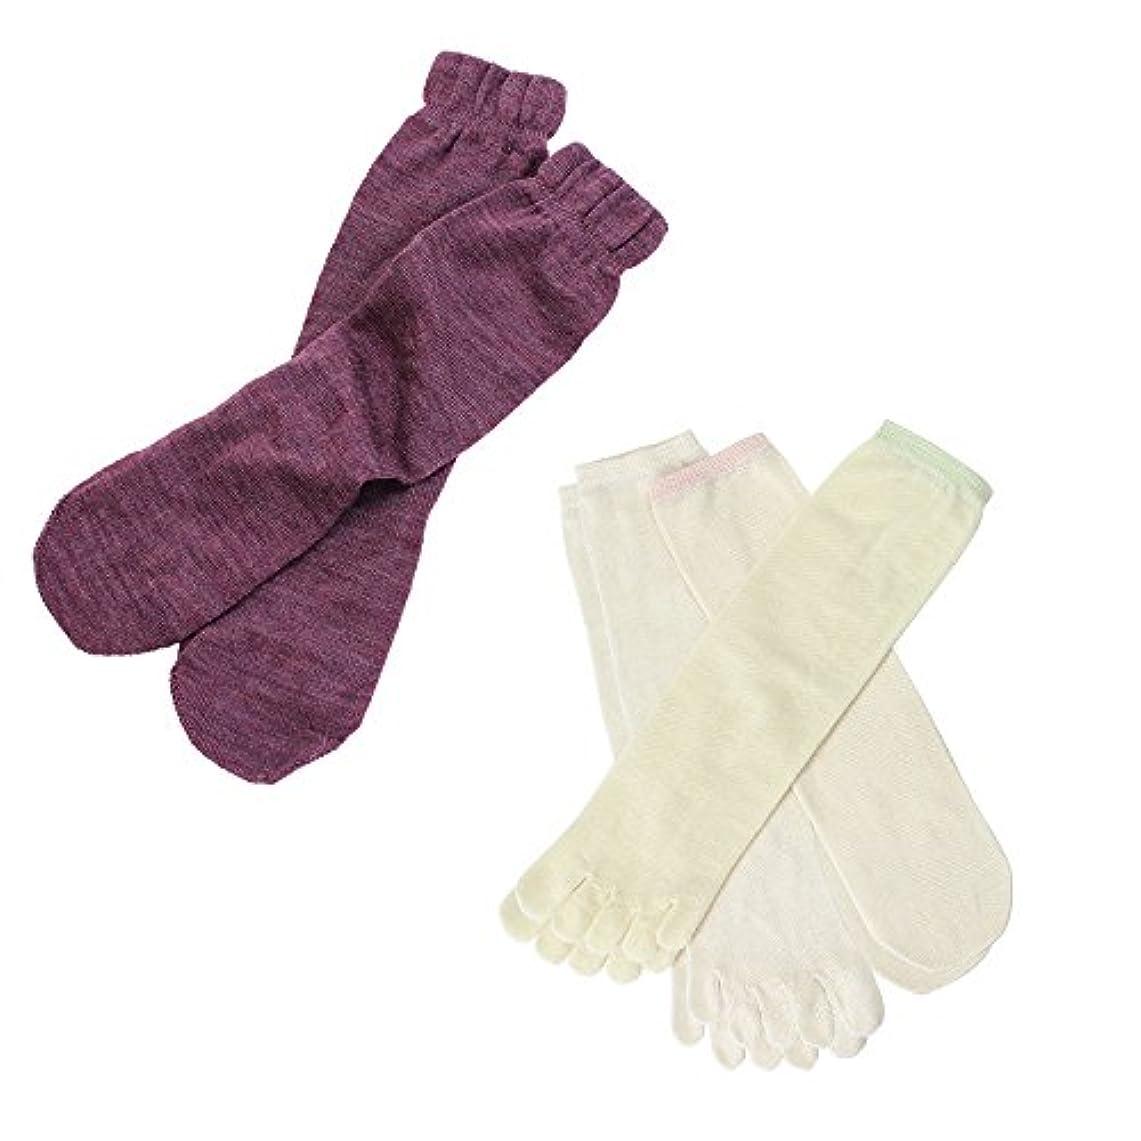 しないでください雲格納hiorie(ヒオリエ) 日本製 冷えとり靴下 シルク&ウール 5本指ソックス(重ねばき専用 4足セット) 正絹